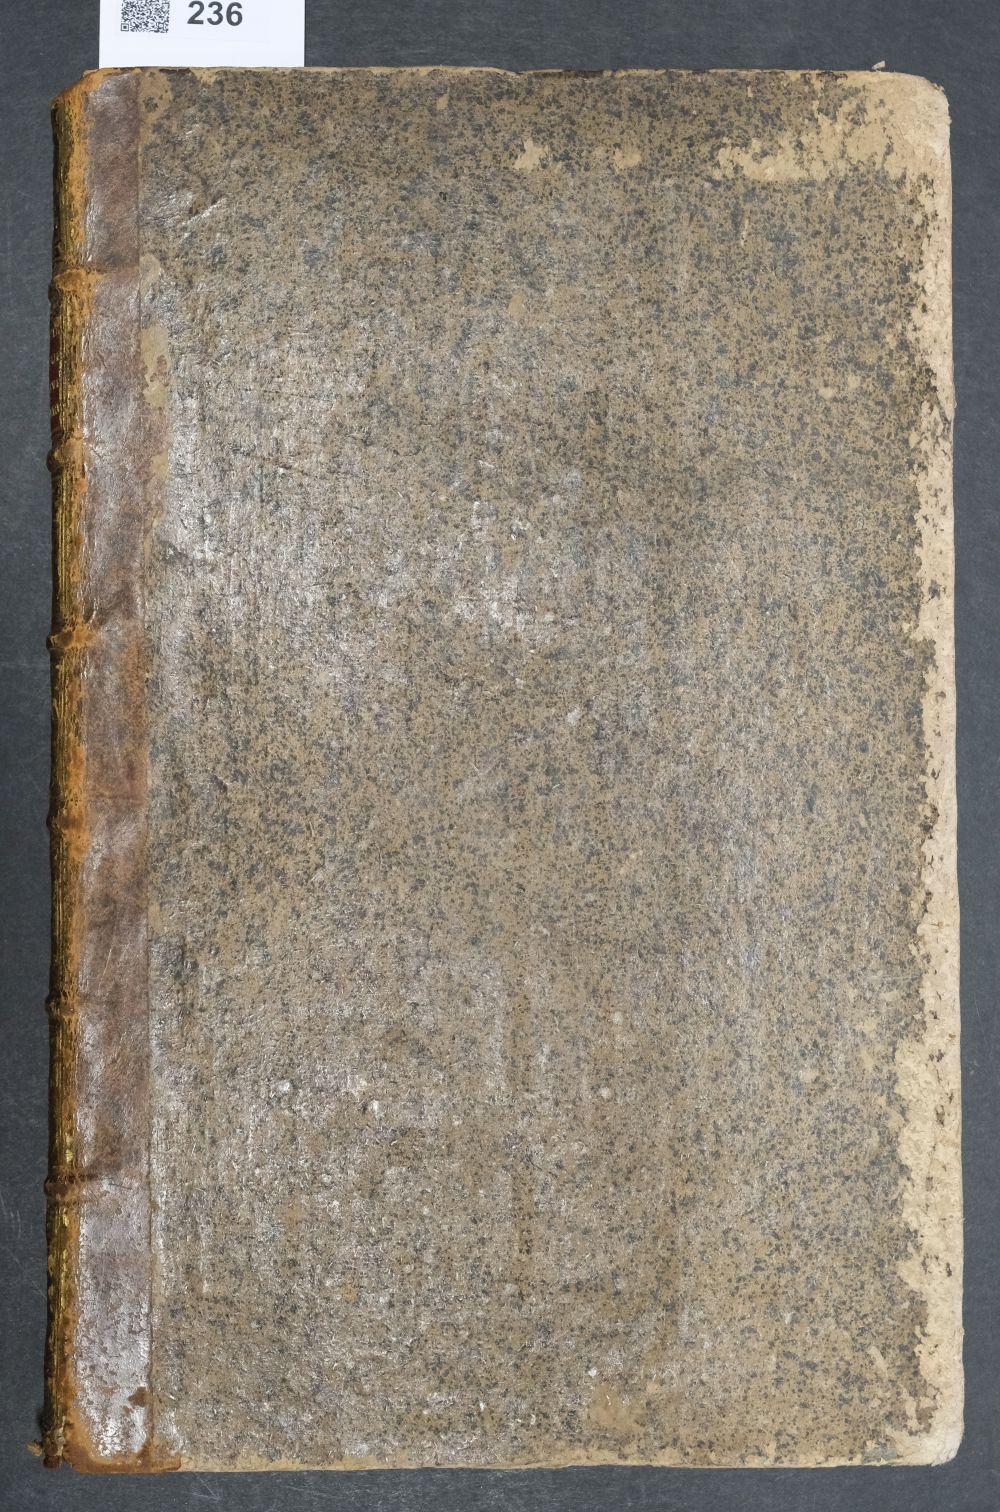 Natter (Johann Lorenz). Traite de la Methode Antique, 1754 - Image 2 of 7